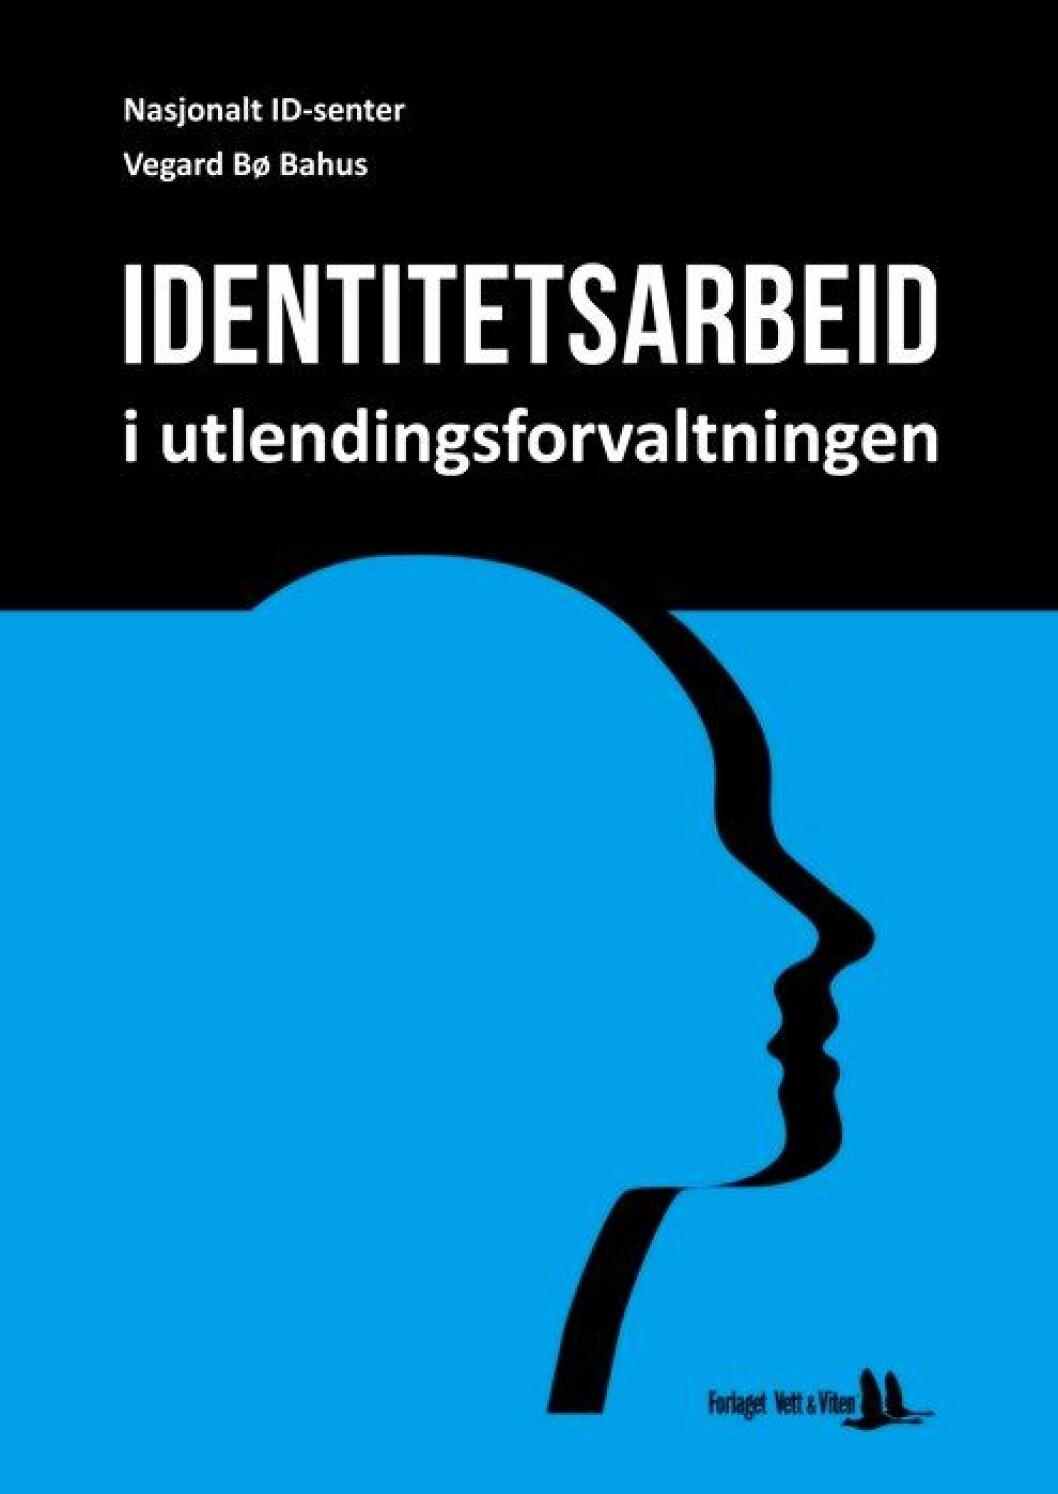 Denne boken dekker samlet sett både de praktiske og de rettslige sidene av ID-arbeid i utlendingsforvaltningen, ifølge Bjørn Vandvik.